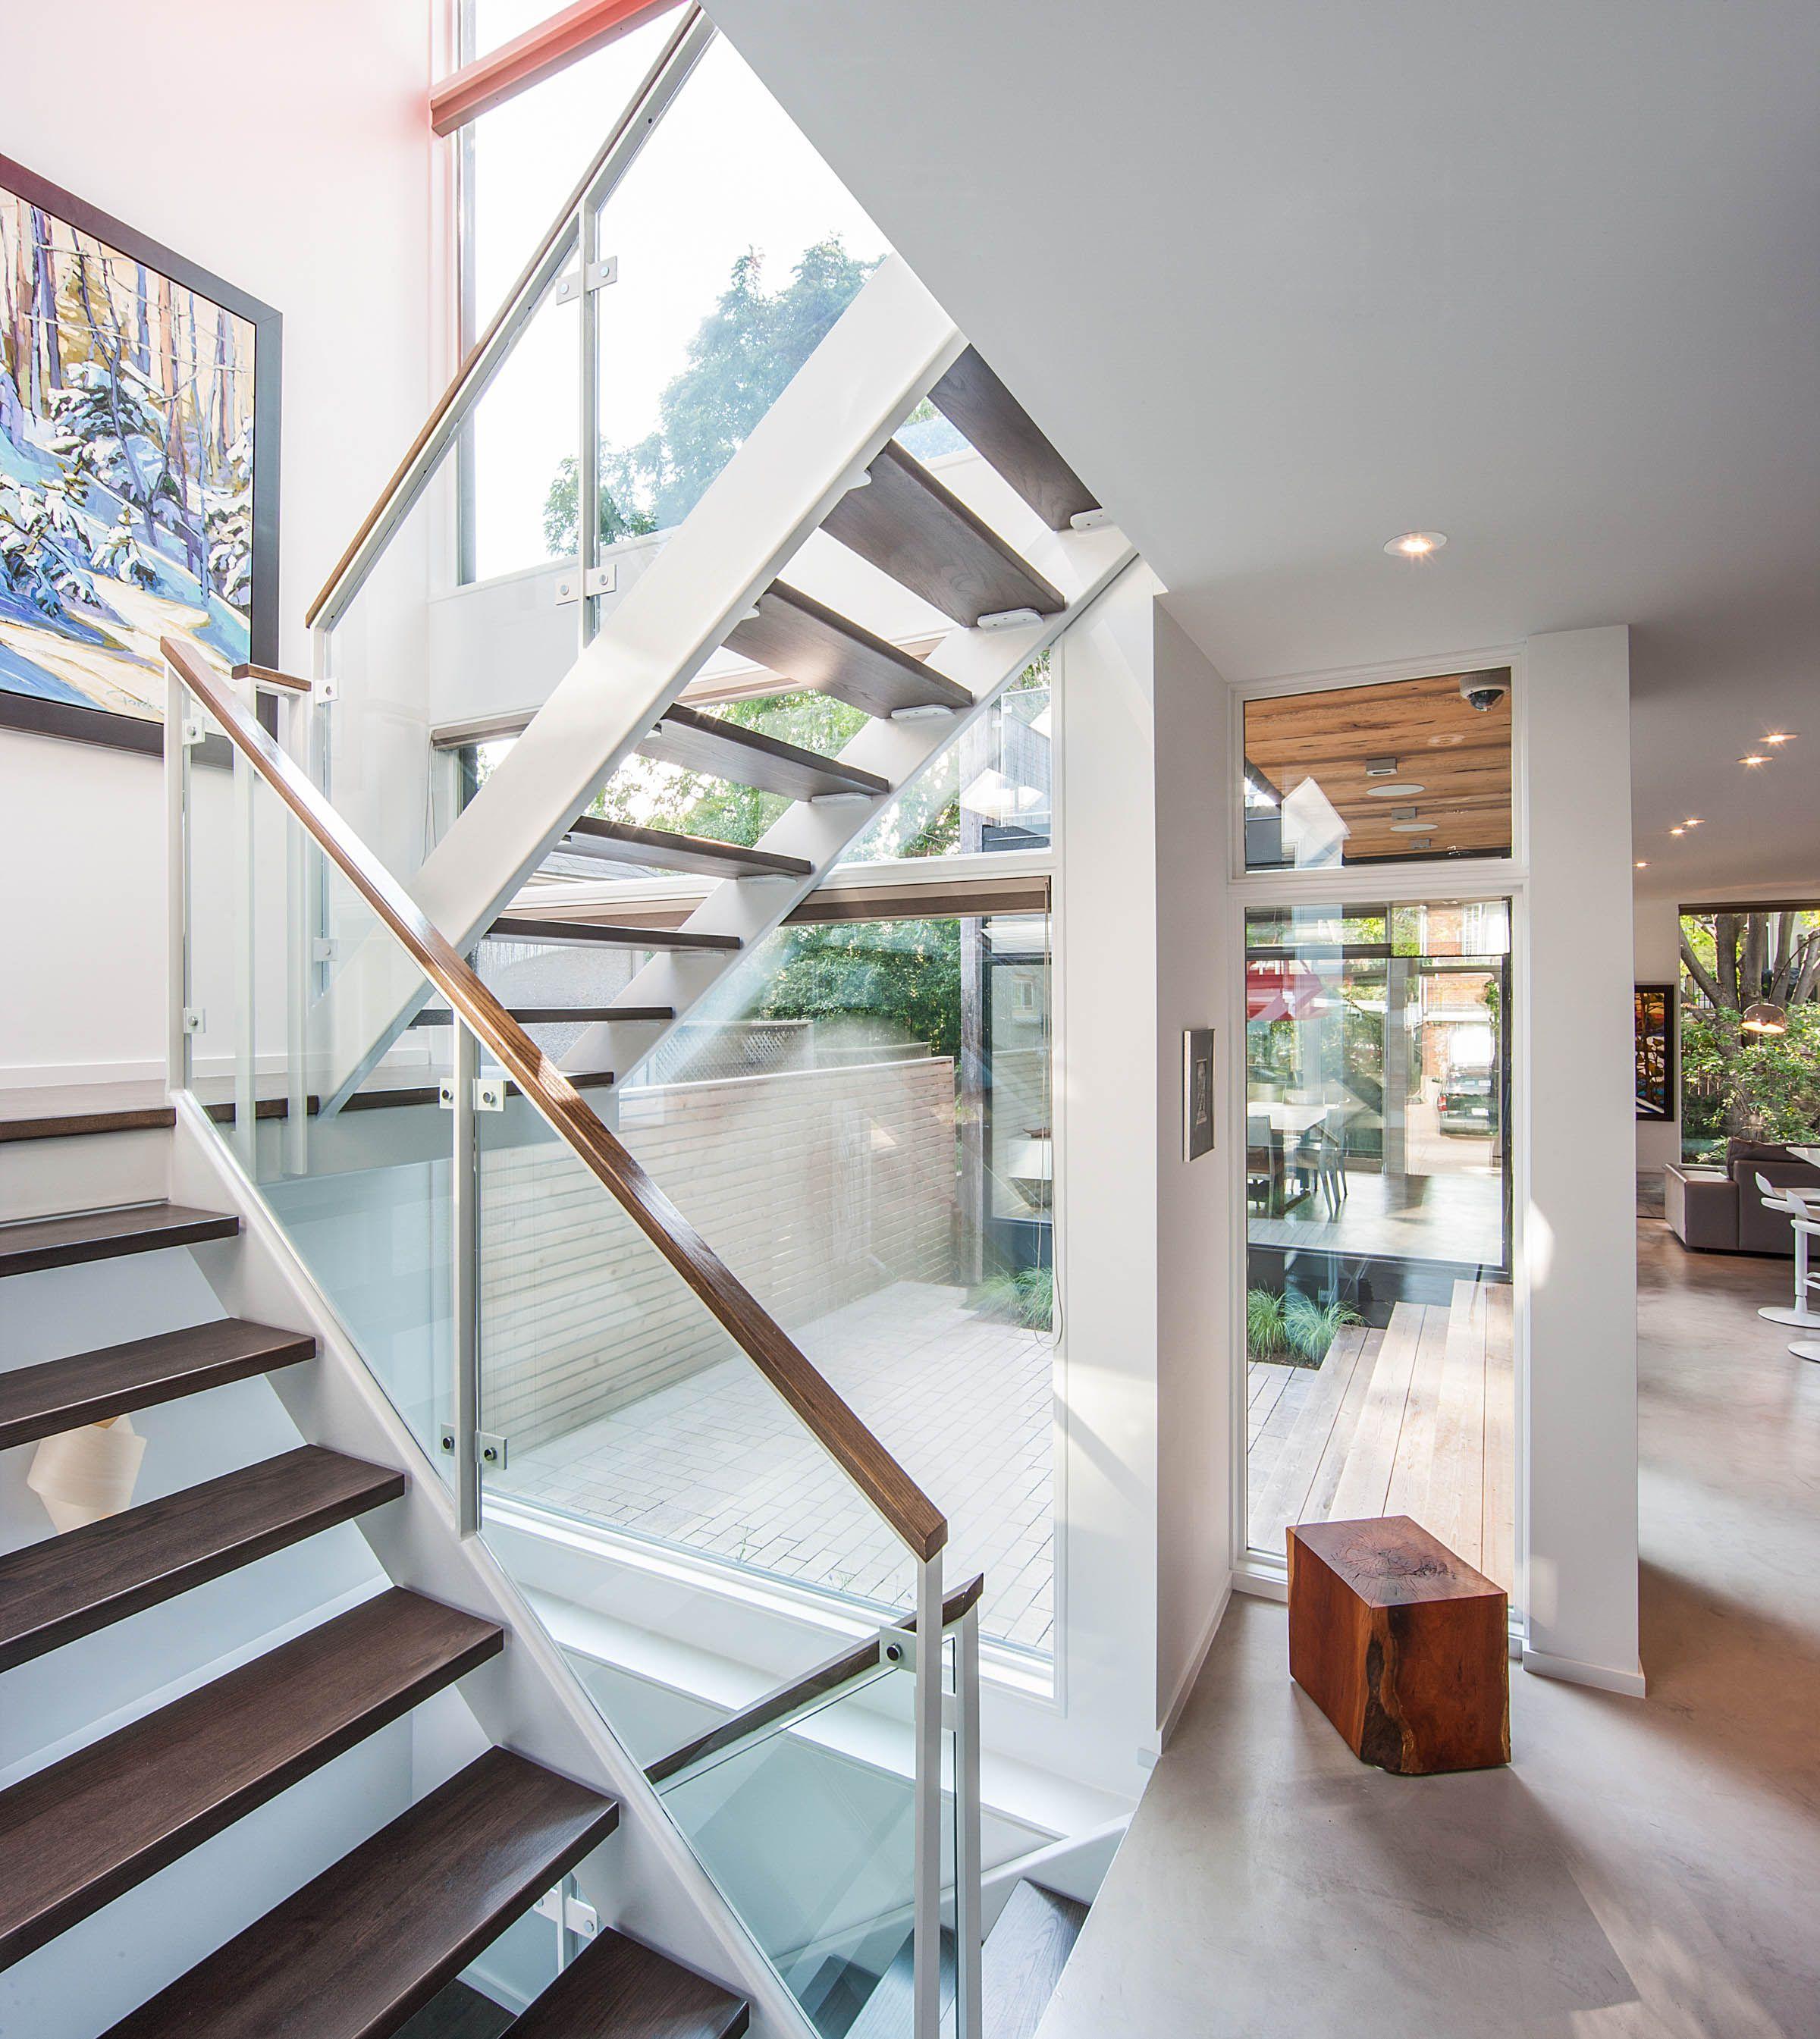 Escaleras vidriadas buscar con google escaleras - Diseno de escaleras interiores ...